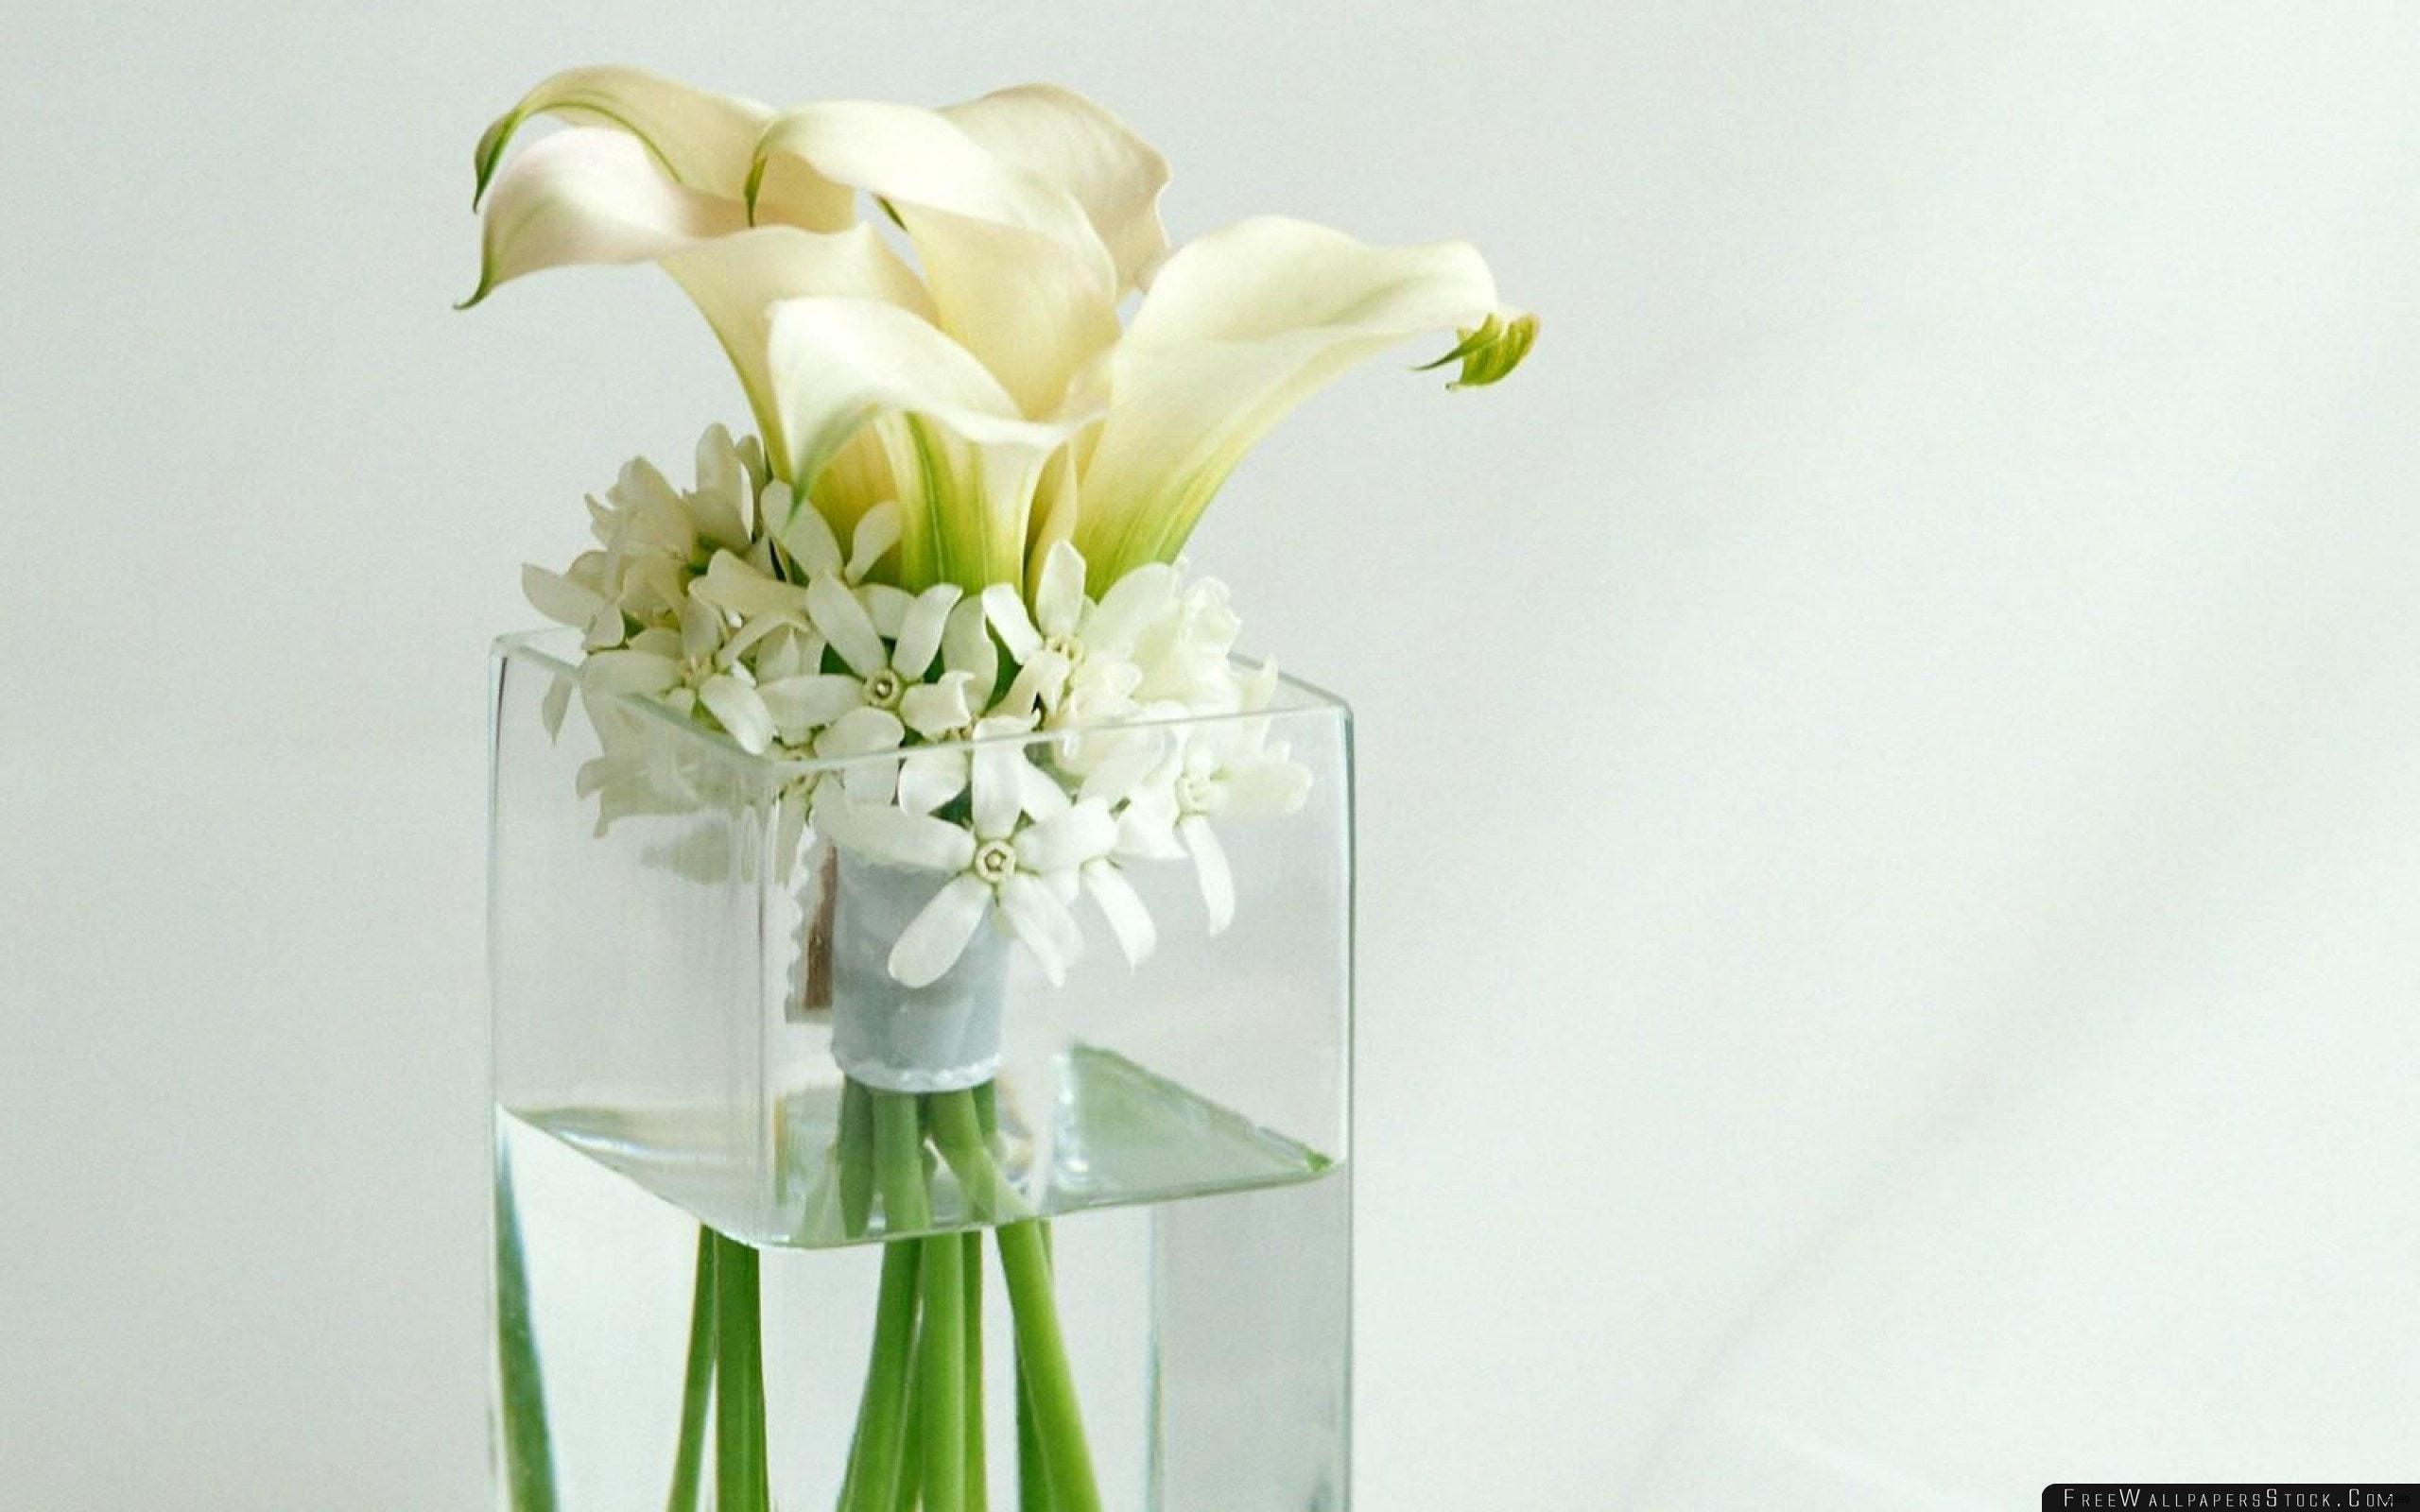 6 inch bud vase of silver bud vases stock 35 elegant silver flower vases vases with 35 elegant silver flower vases